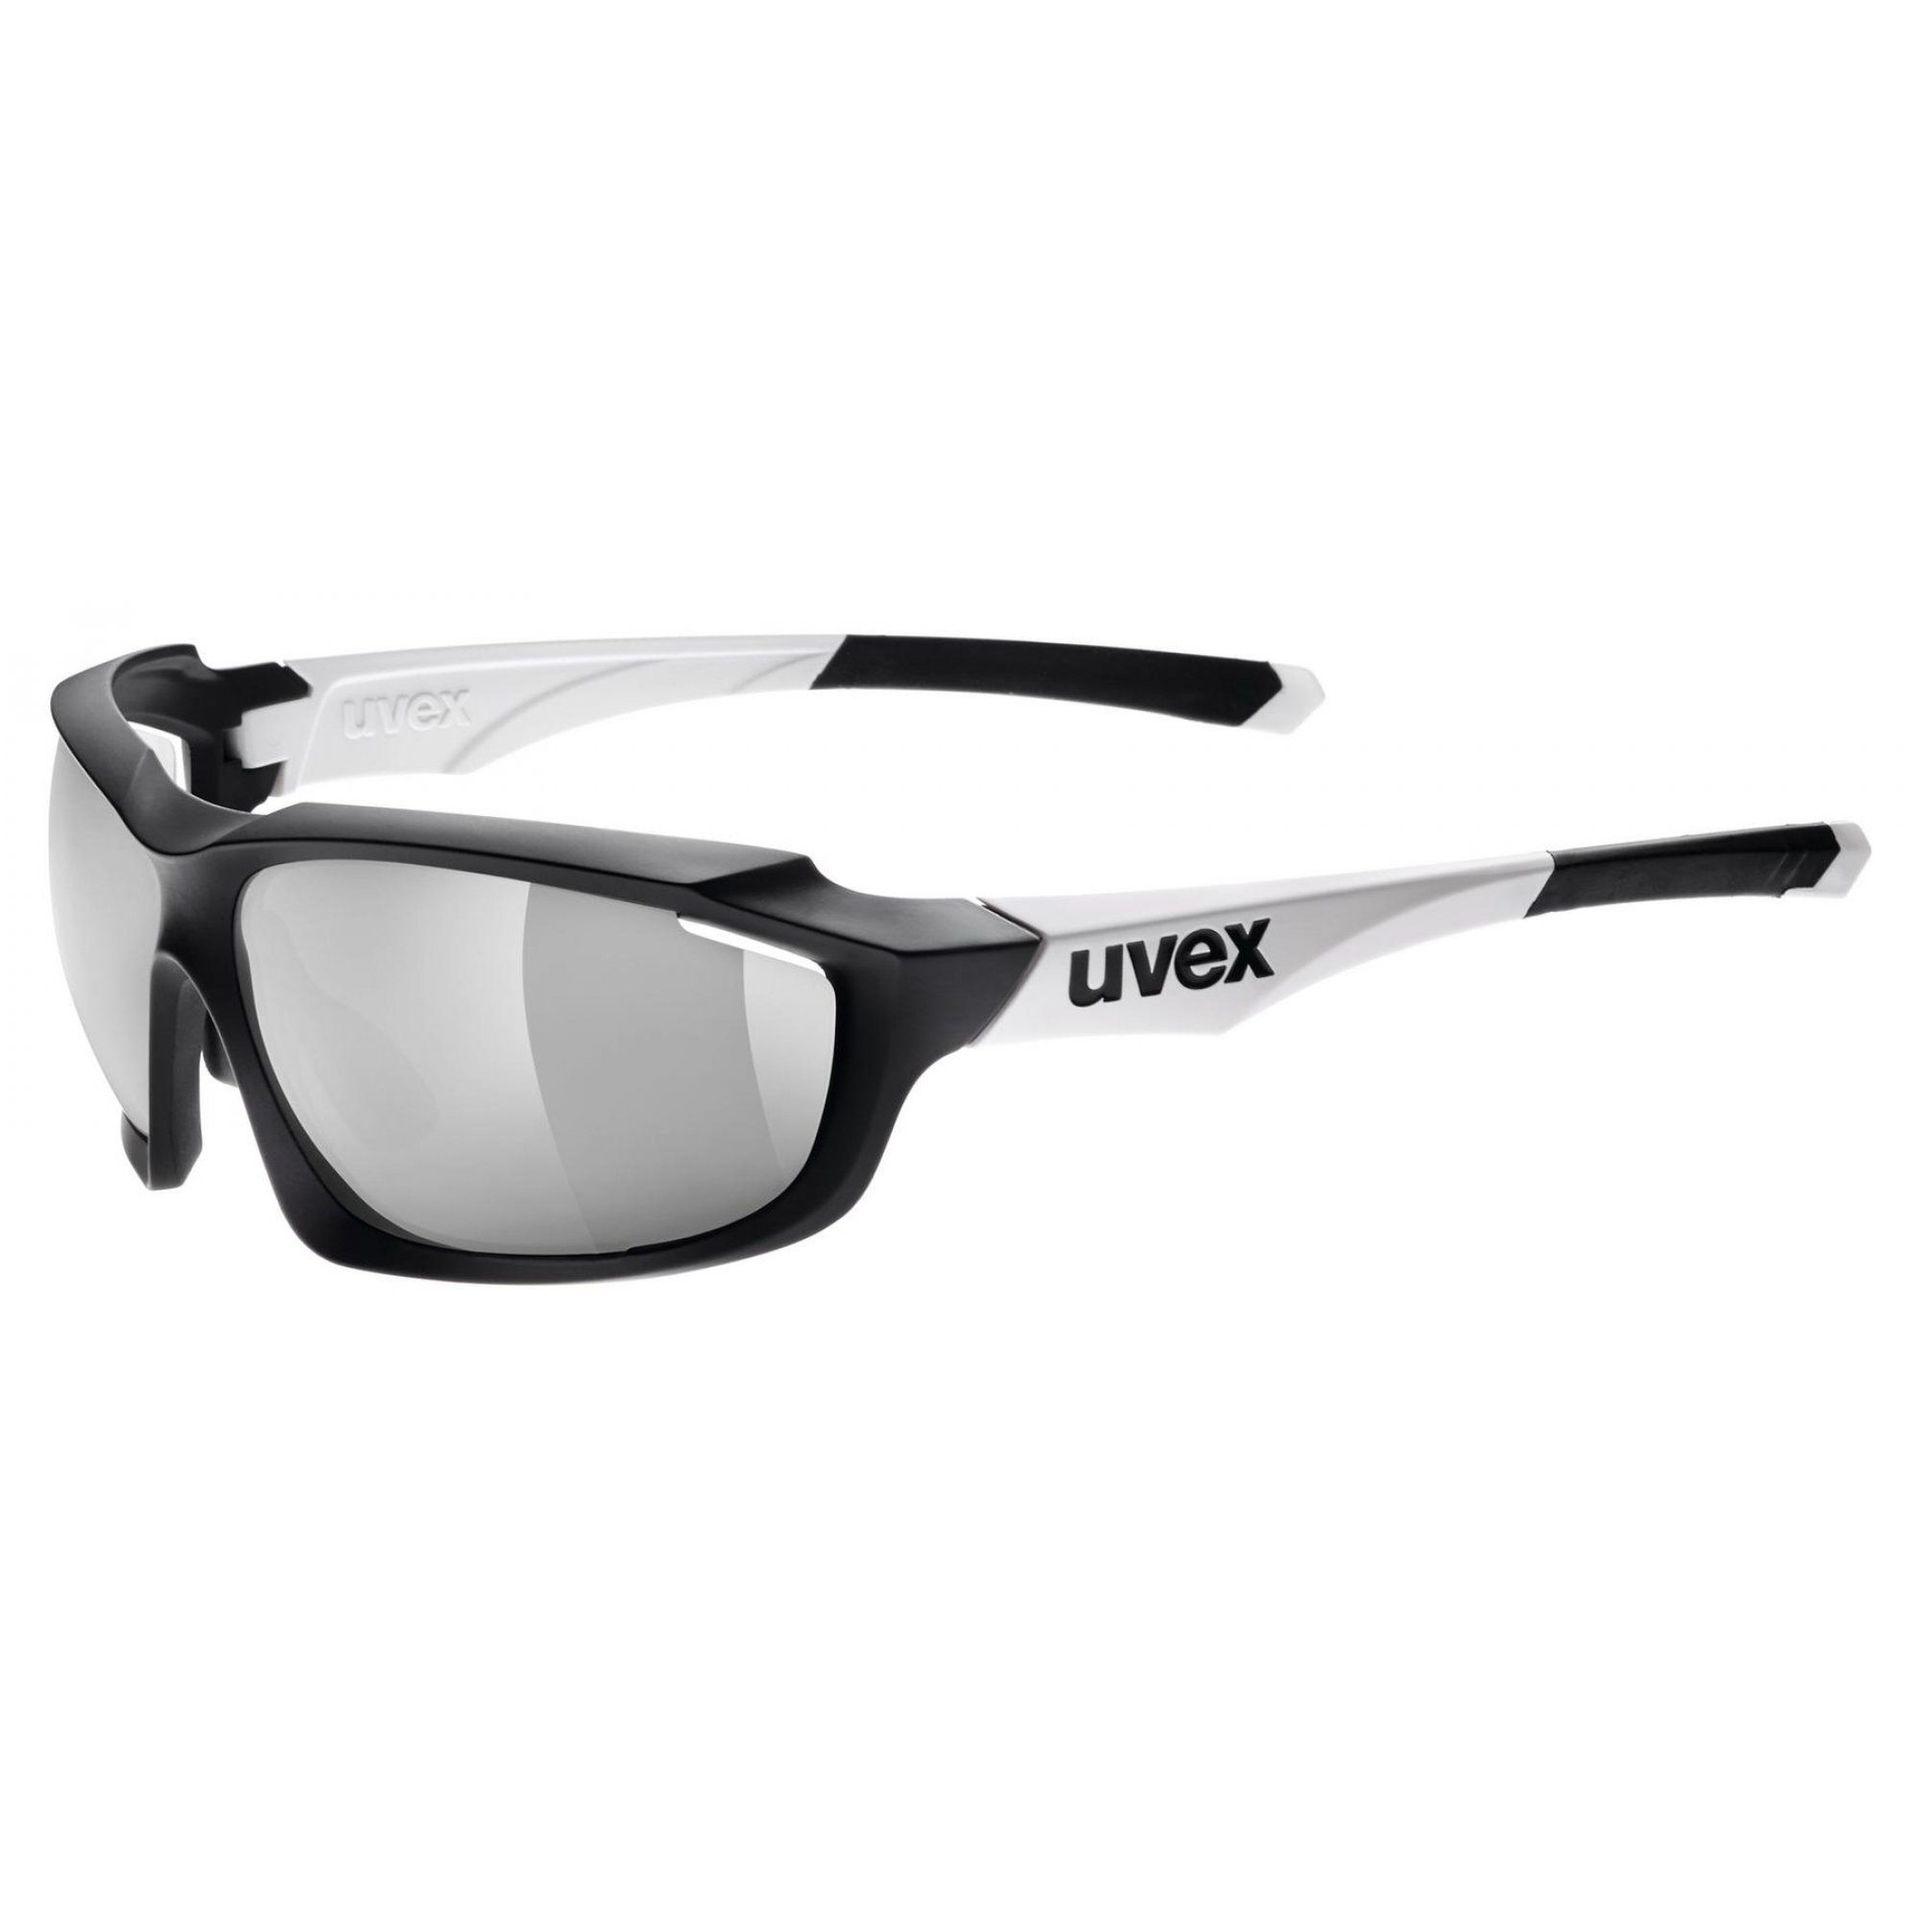 OKULARY UVEX SPORTSTYLE 710 VM BLACK WHITE